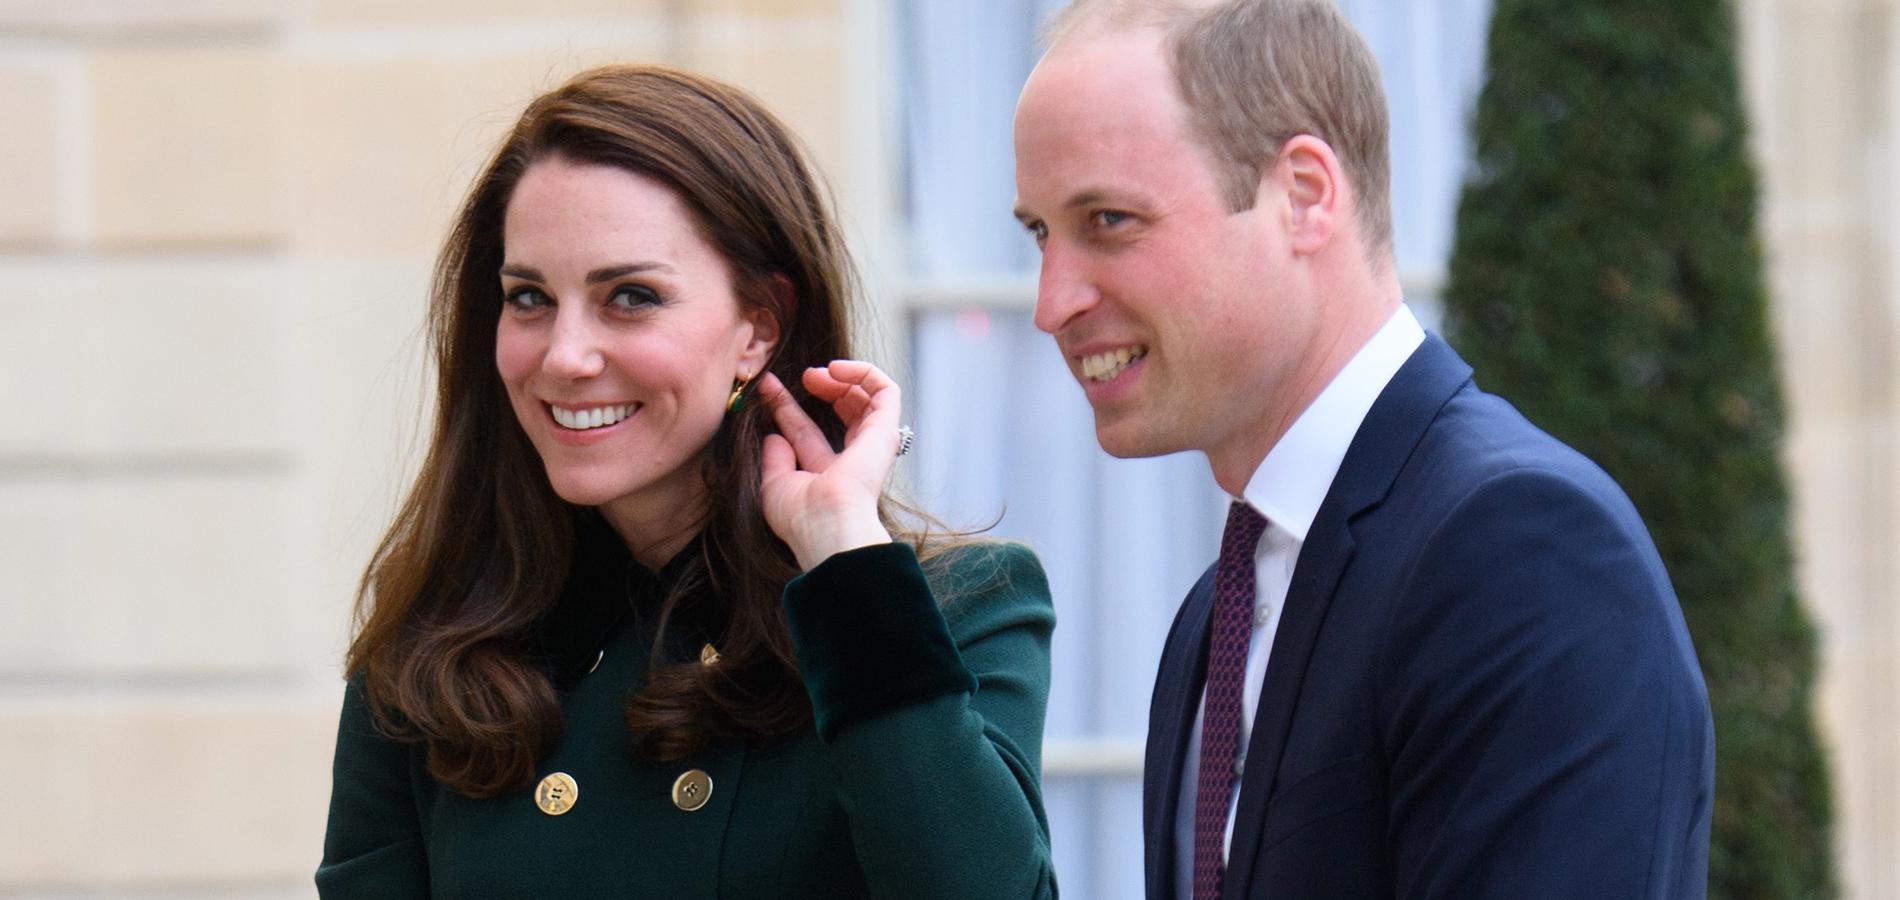 Kate Middleton enceinte : premiers pronostics sur le prénom du royal enfant